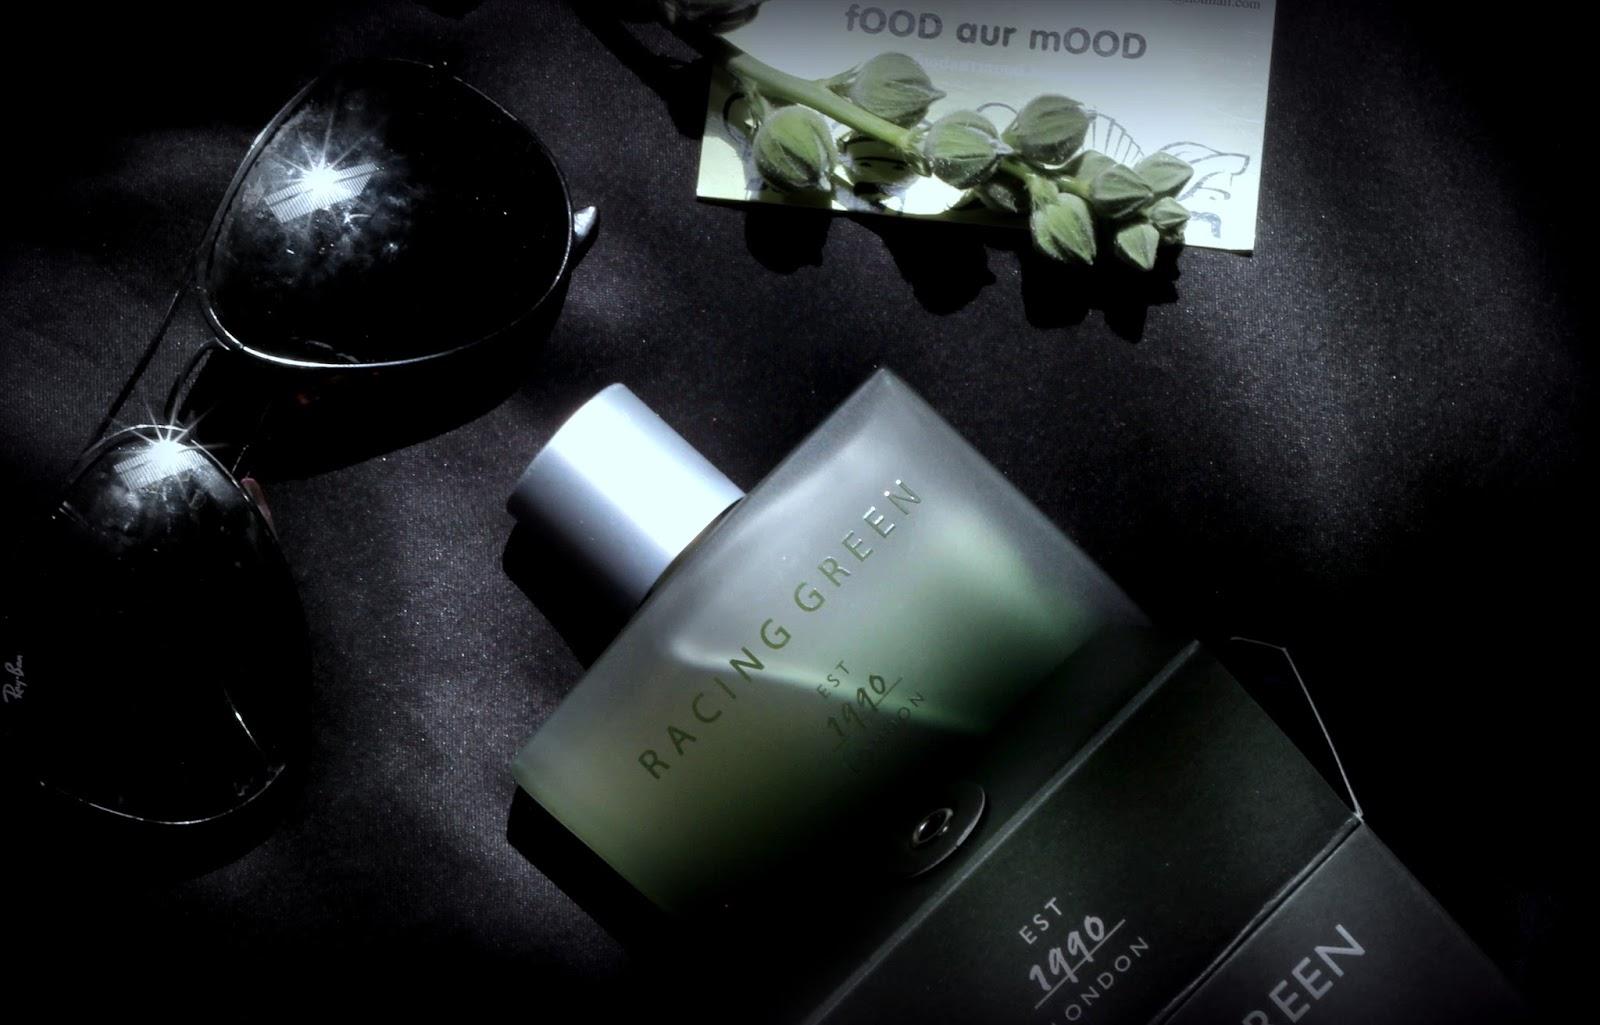 70bb6fcde69 Men s Eau De Parfum - Laurelle London Racing Green Review - Shopping ...